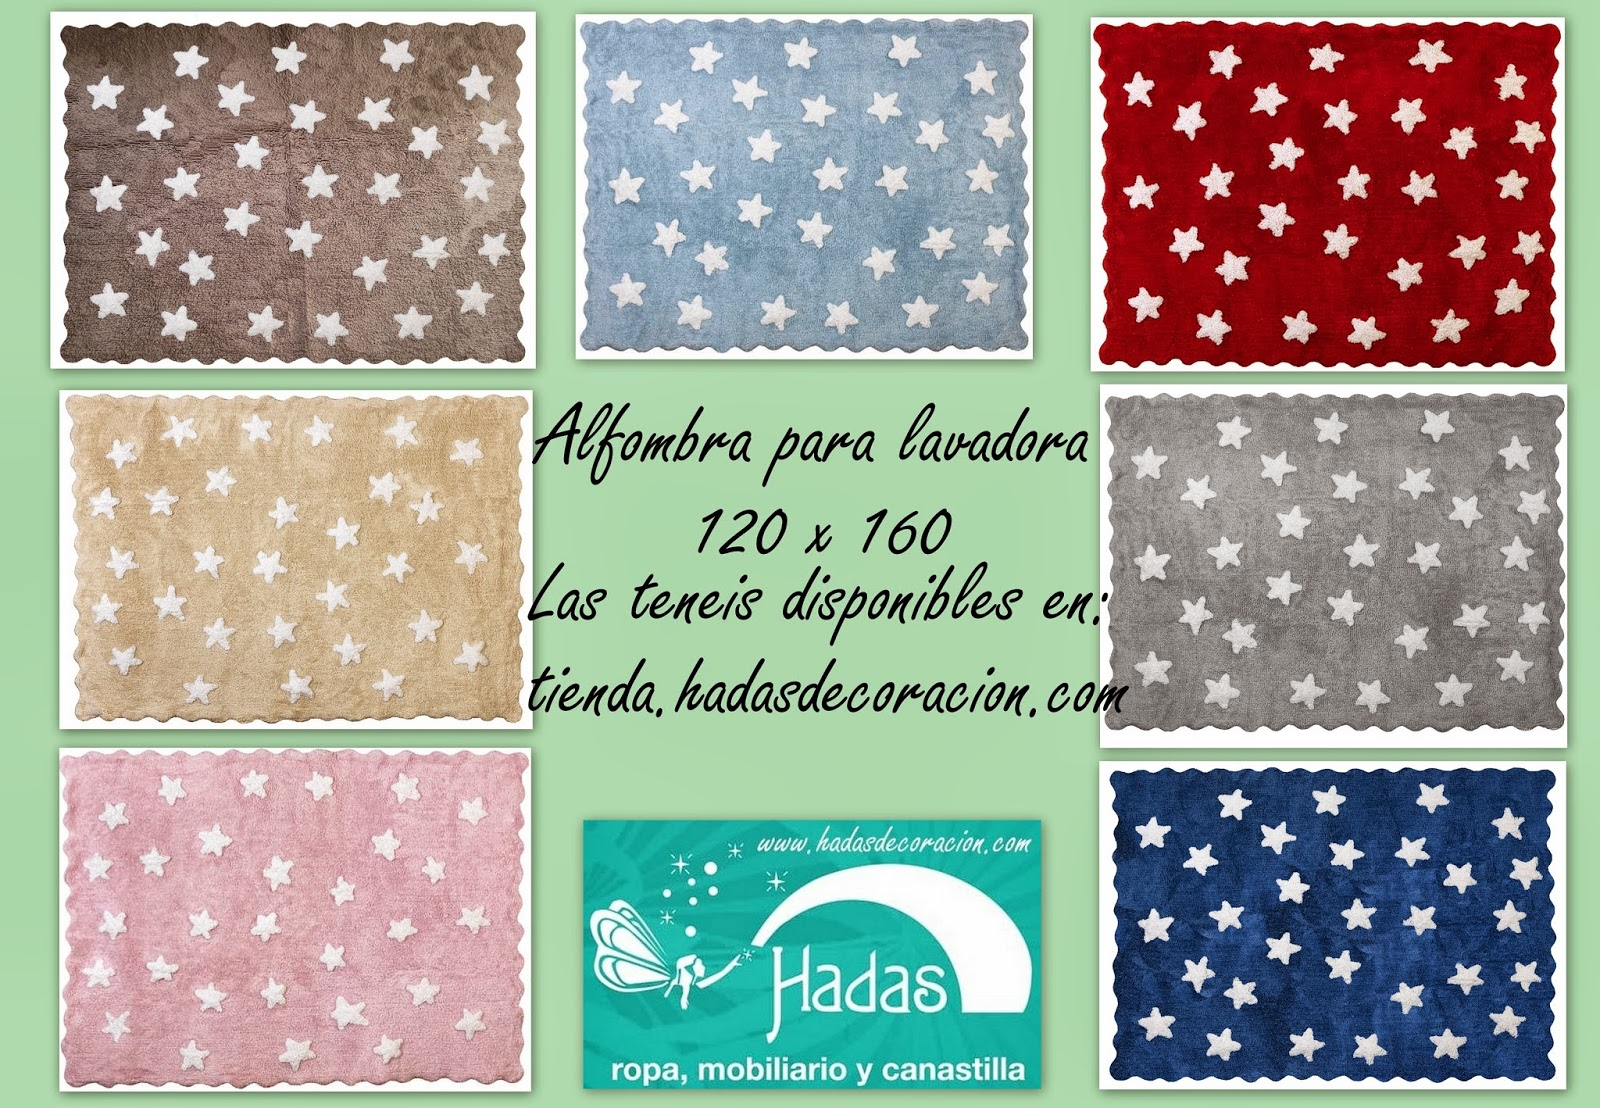 Hadas moda y decoracion infantil alfombra para lavadora eden - Alfombras ninos lavables ...